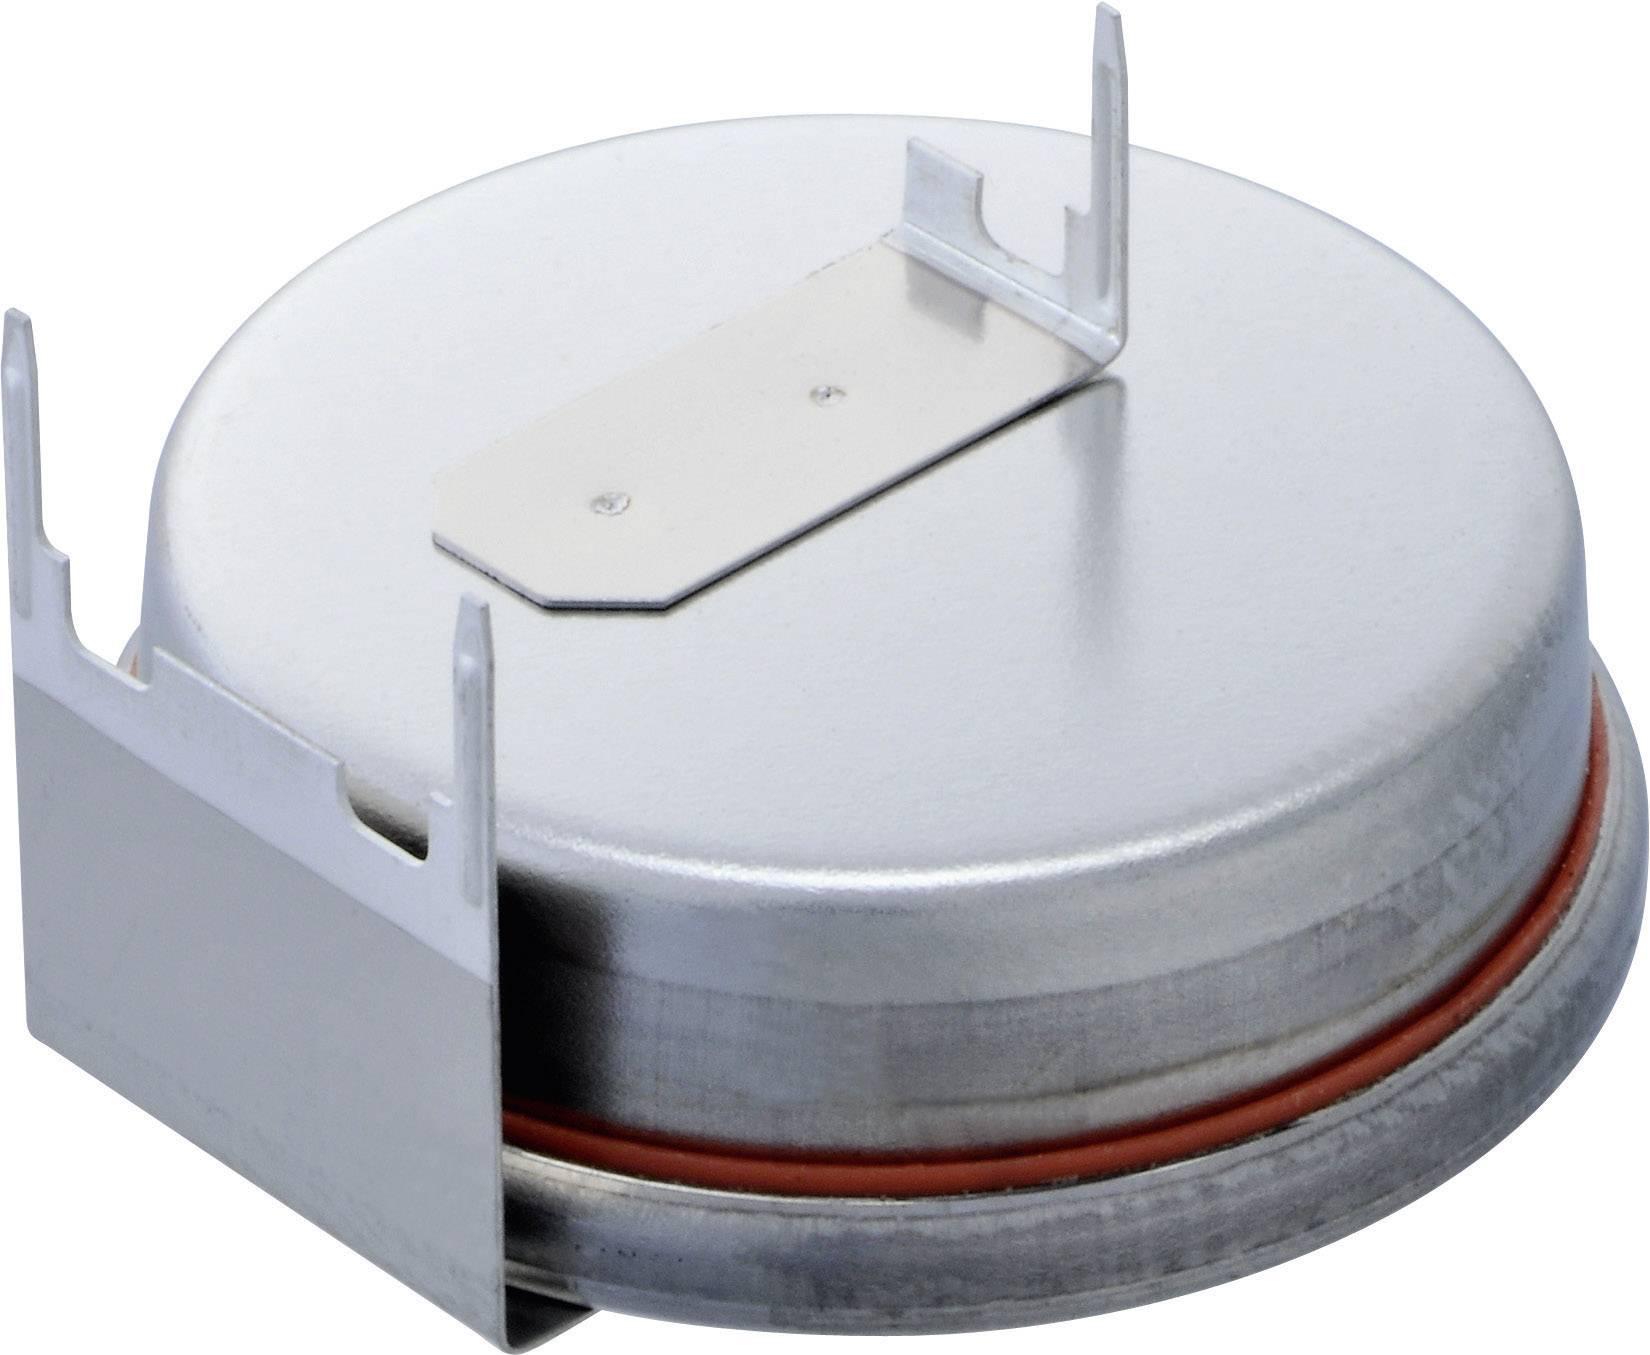 Gombíková batéria Renata CR2477N RH-LF, so spájkovacími kontaktami